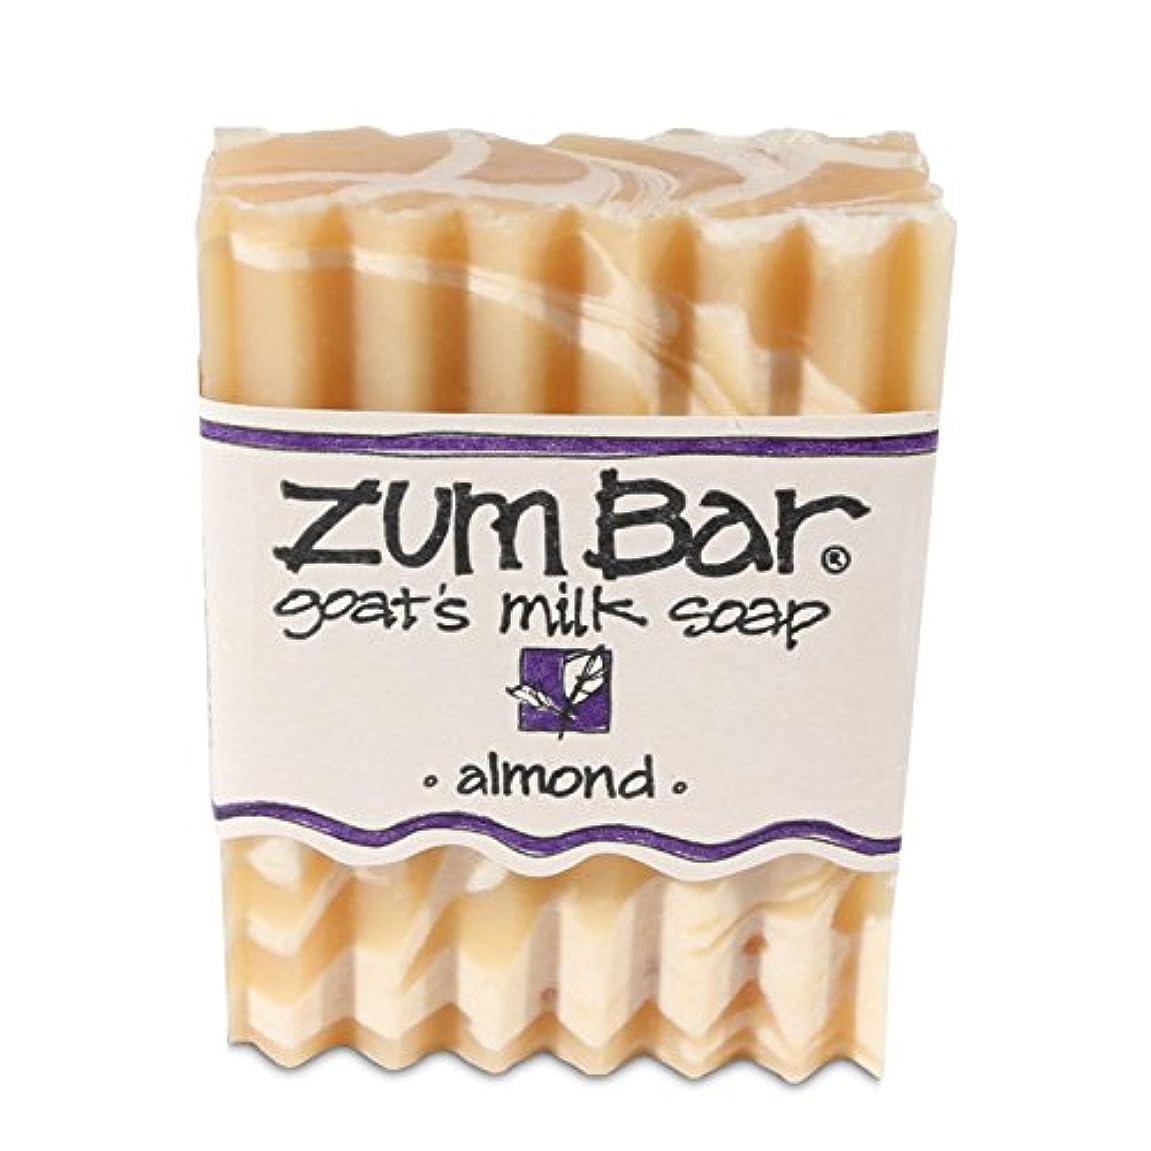 ディプロマ彼ファンネルウェブスパイダー海外直送品 Indigo Wild, Zum Bar, Goat's ミルク ソープ アーモンド , 3 Ounces (2個セット) (Almond) [並行輸入品]